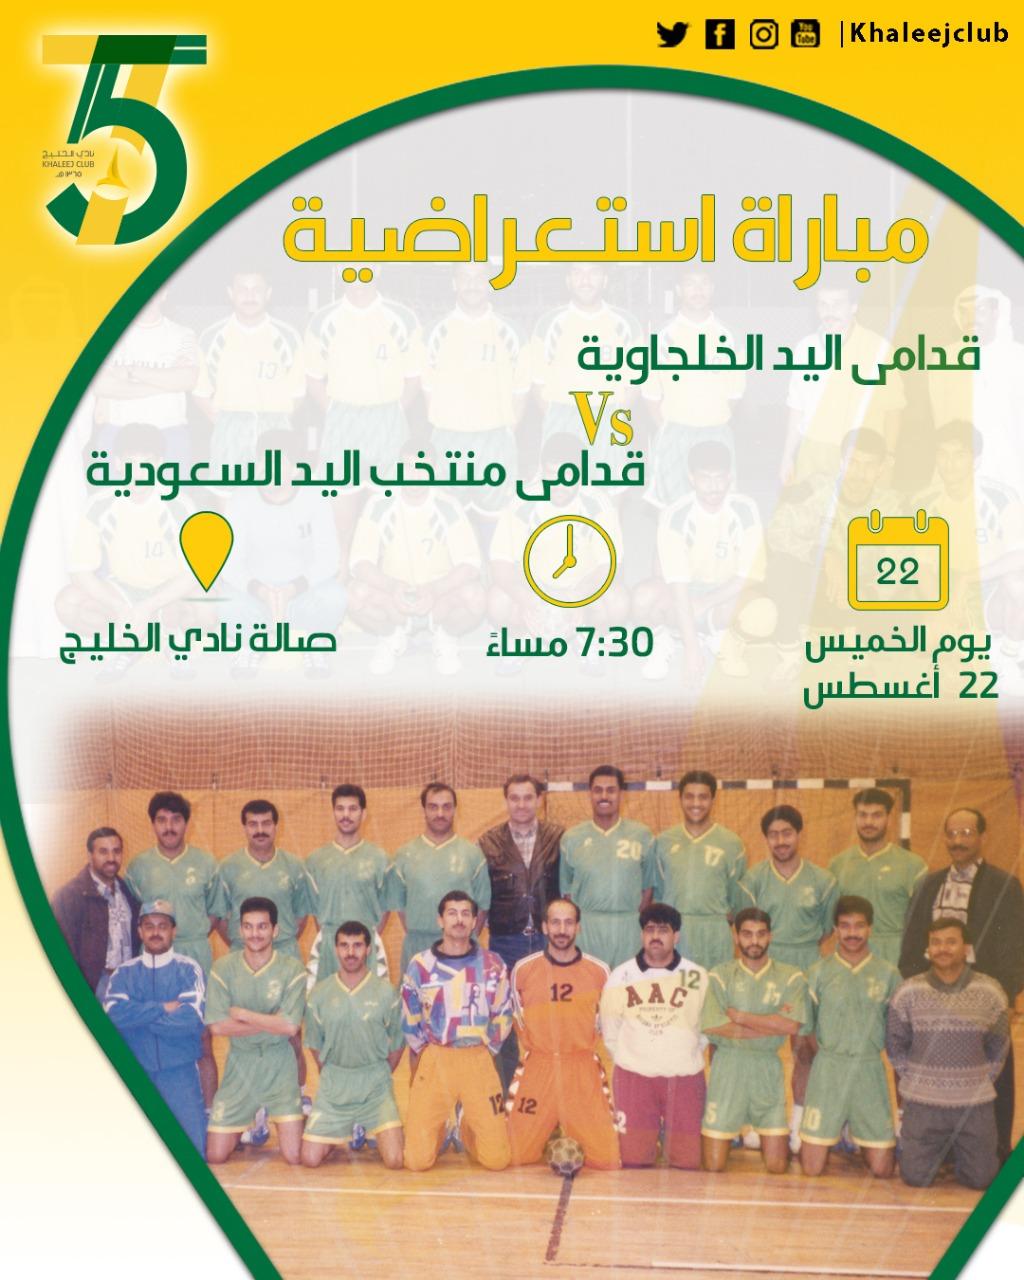 مباراة استعراضية لكرة اليد تجمع نجوم نادي الخليج ومخصرمي المنتخب السعودي   وذلك ضمن الفعالية الثانية ليوبيل الخليج الماسي